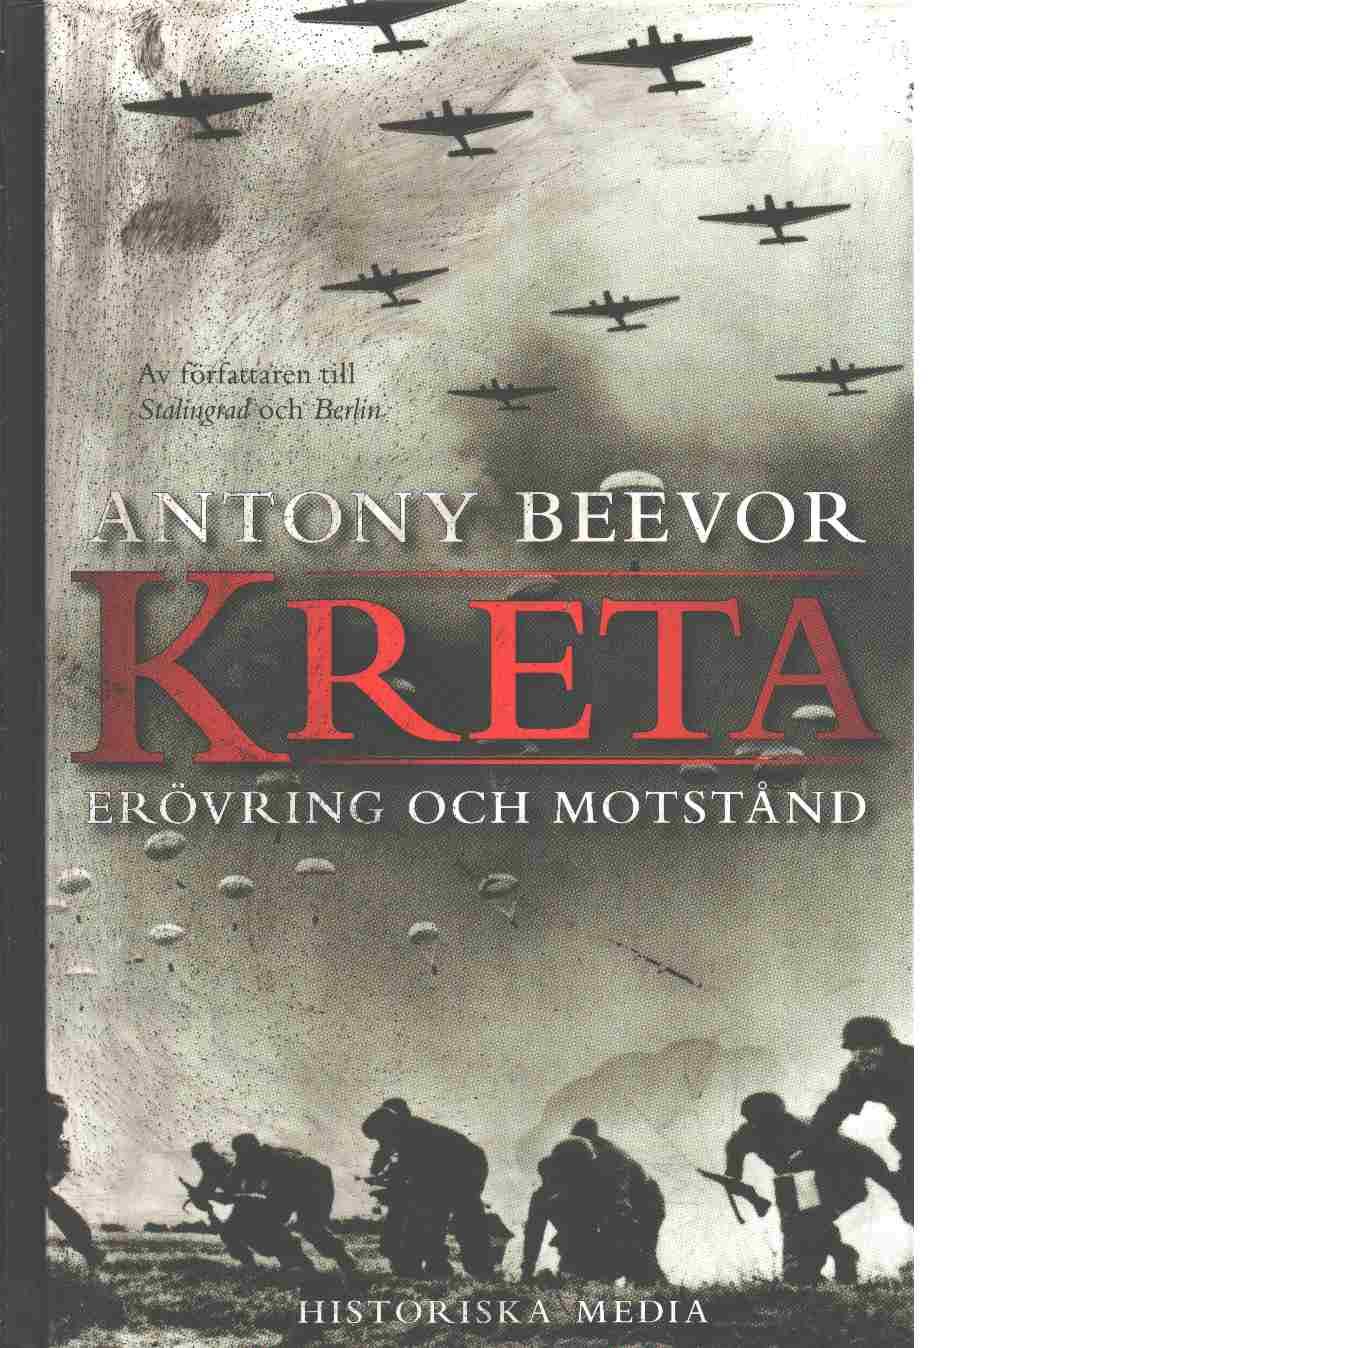 Kreta : erövring och motstånd - Beevor, Antony